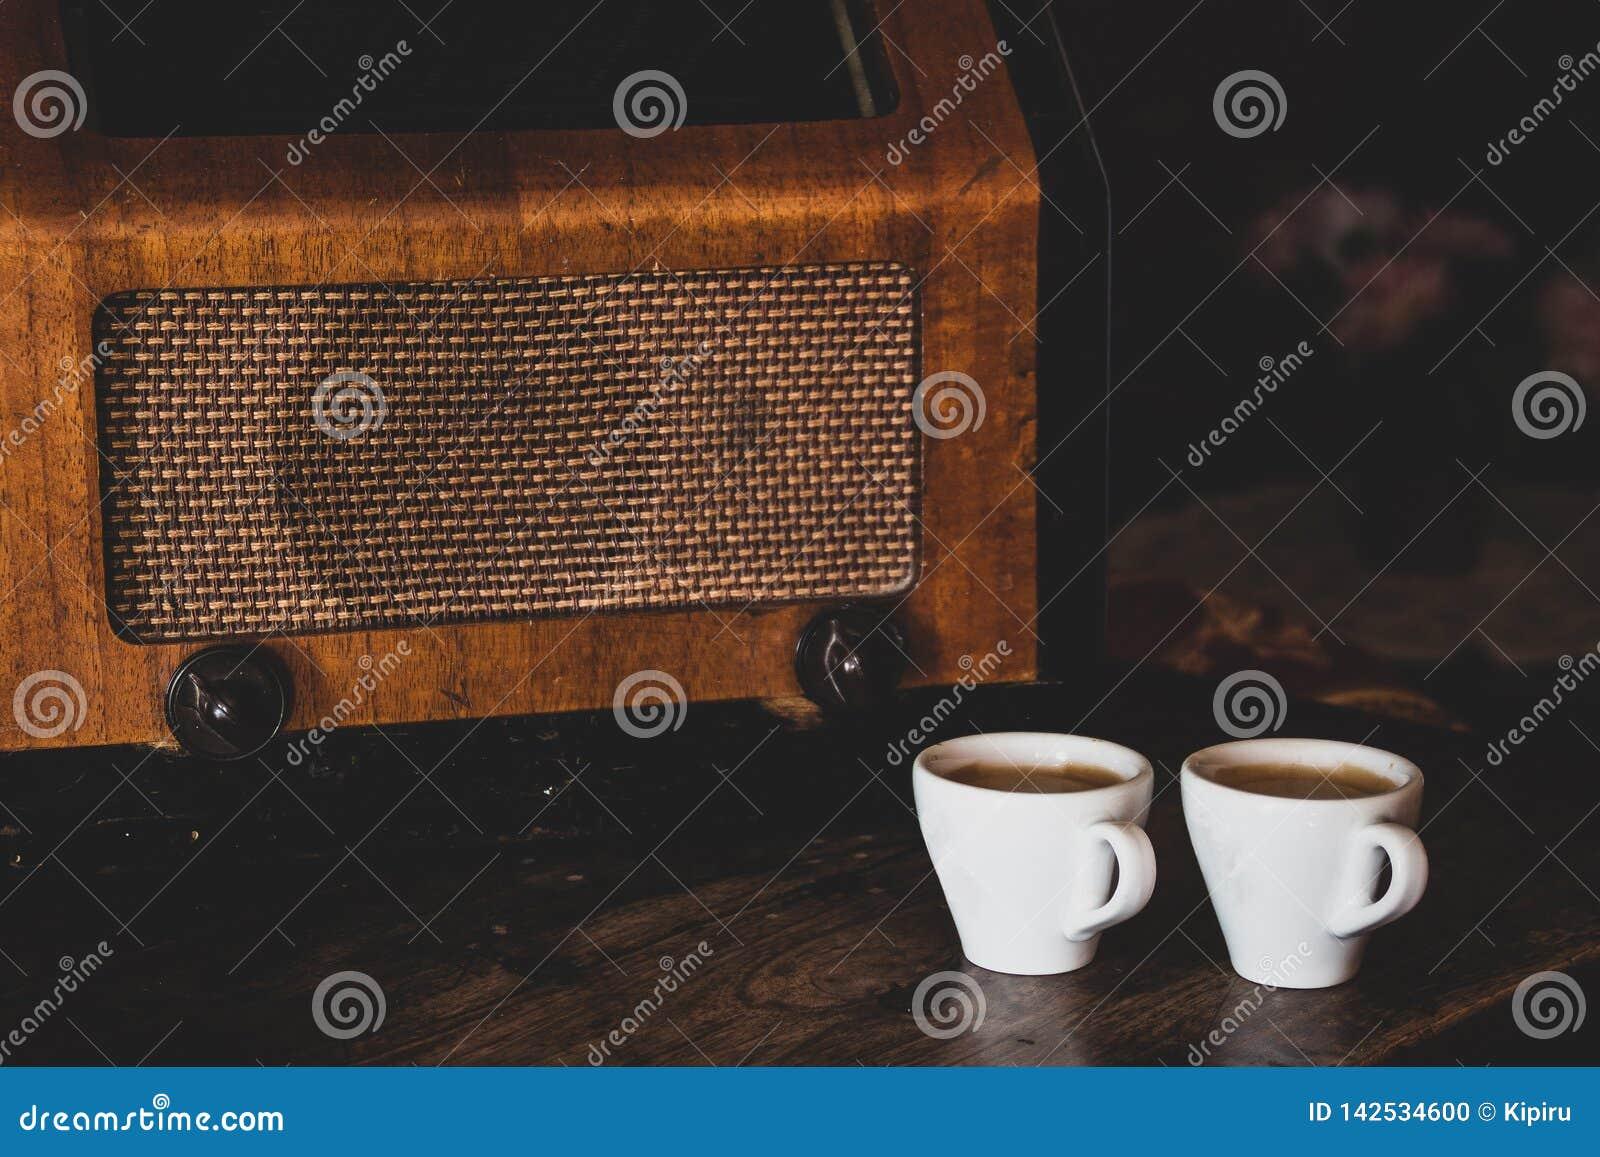 Twee koffiekoppen met espresso en retro radio op donkere houten achtergrond Uitstekende kleurentoon